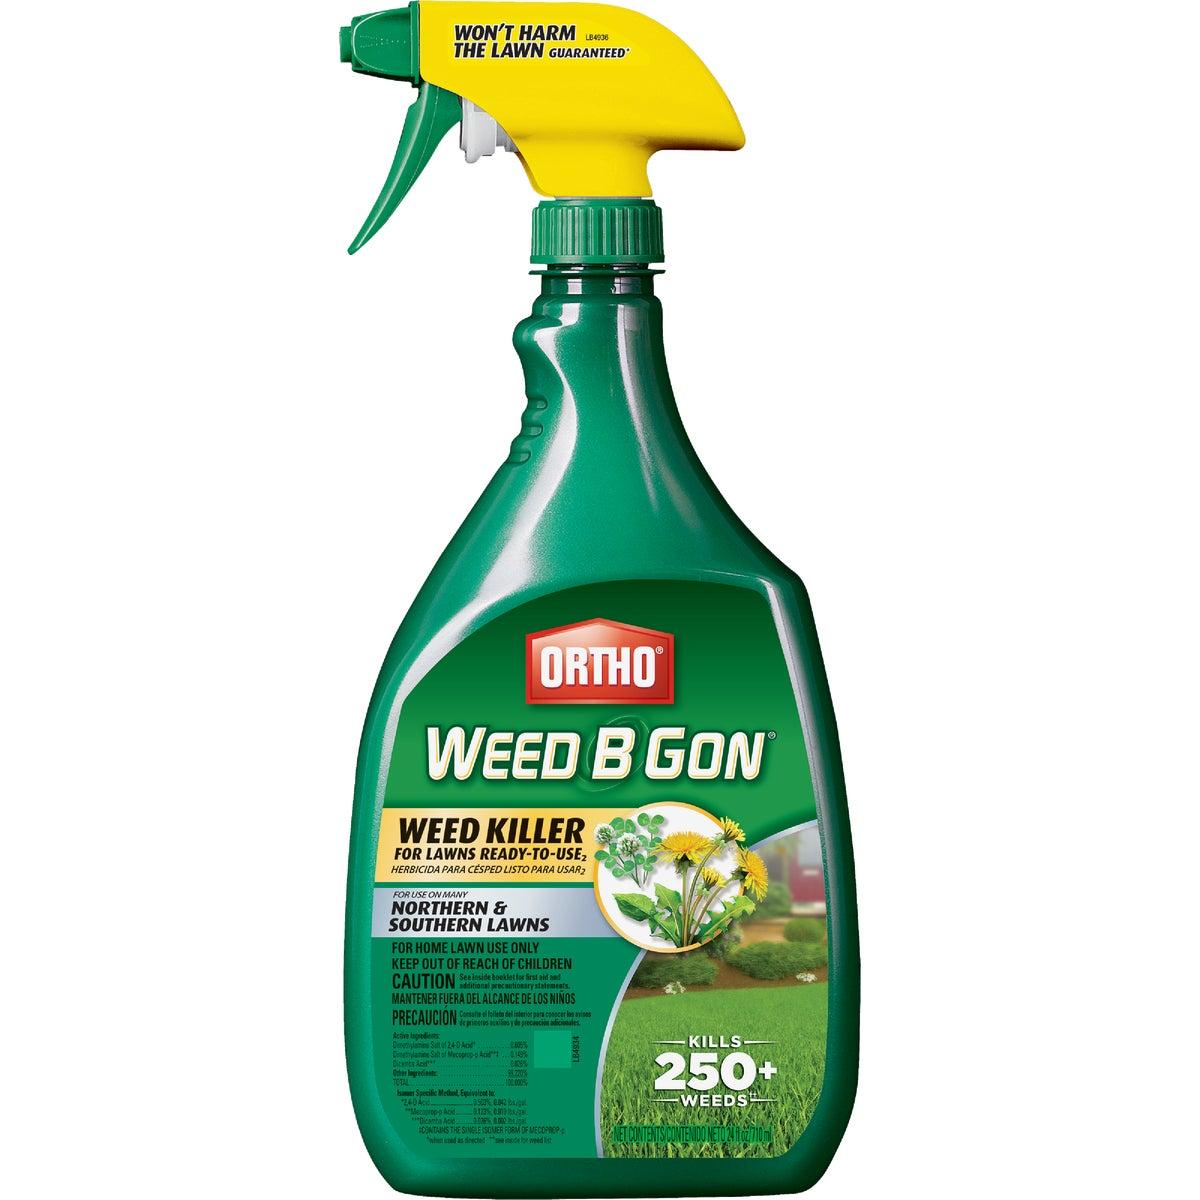 24OZ RTU WEED B GON SPRY - 0404010 by Scotts Company